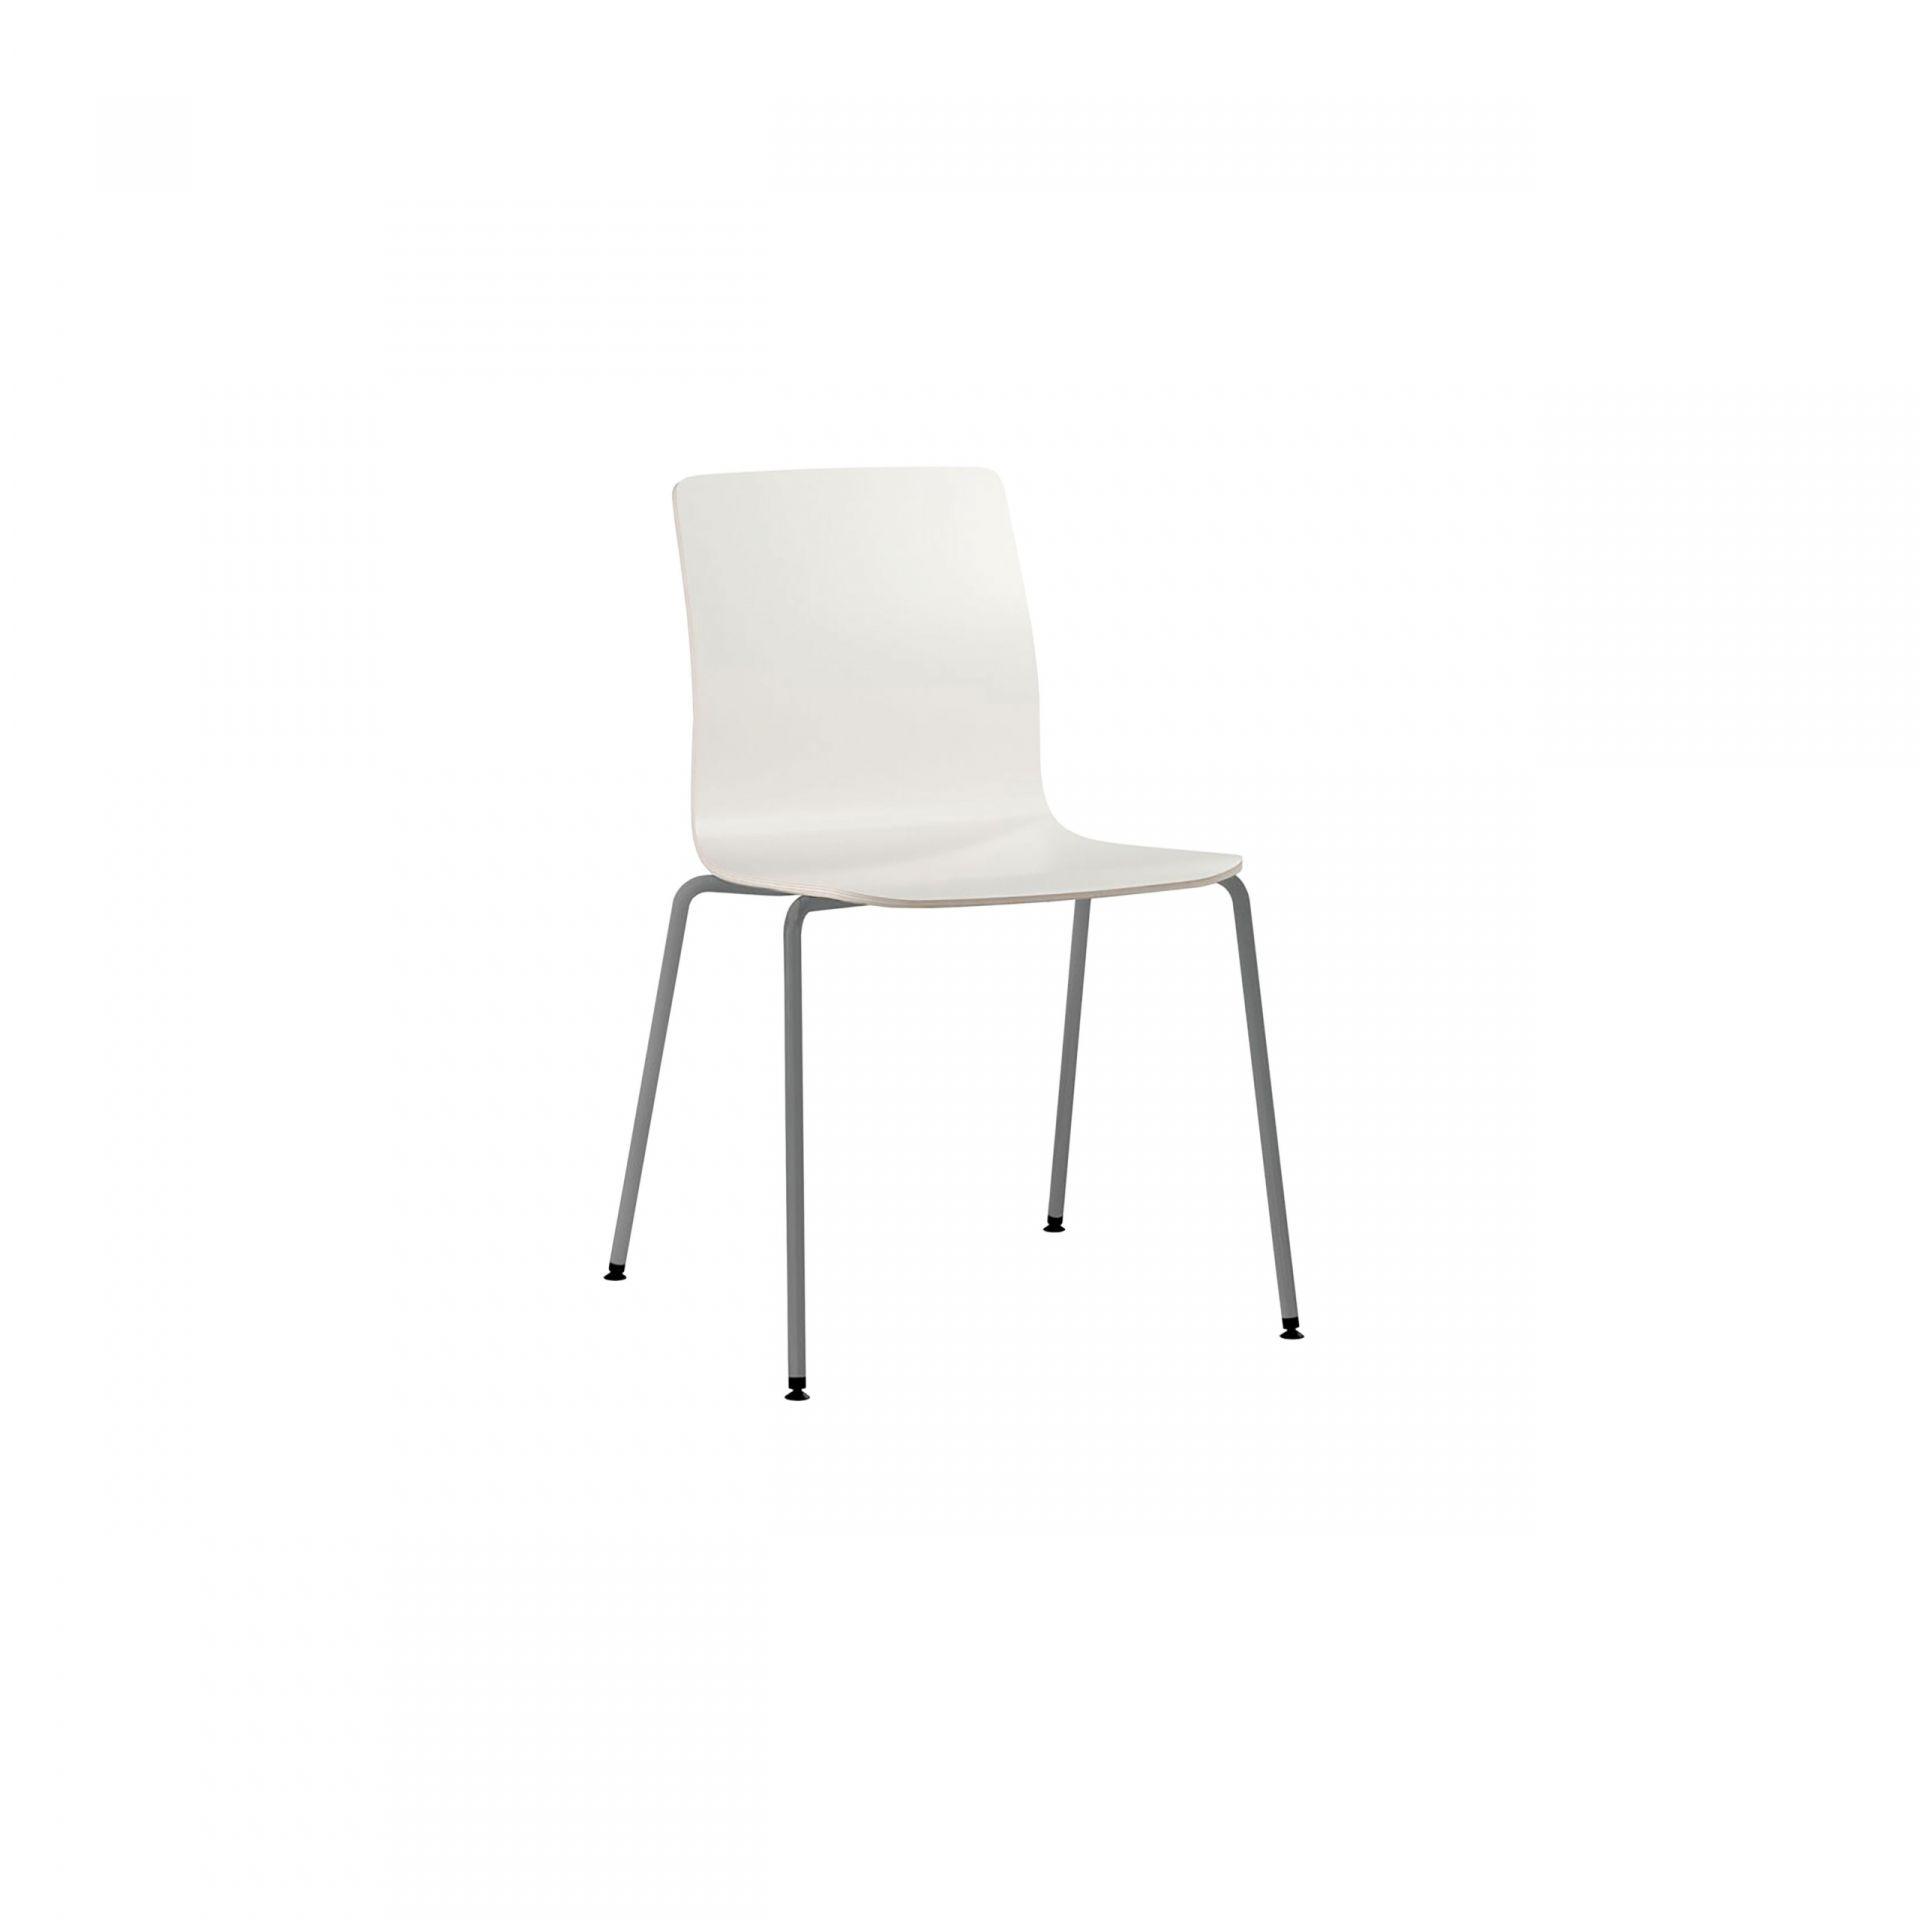 Nova Stol med metallben produktbild 2